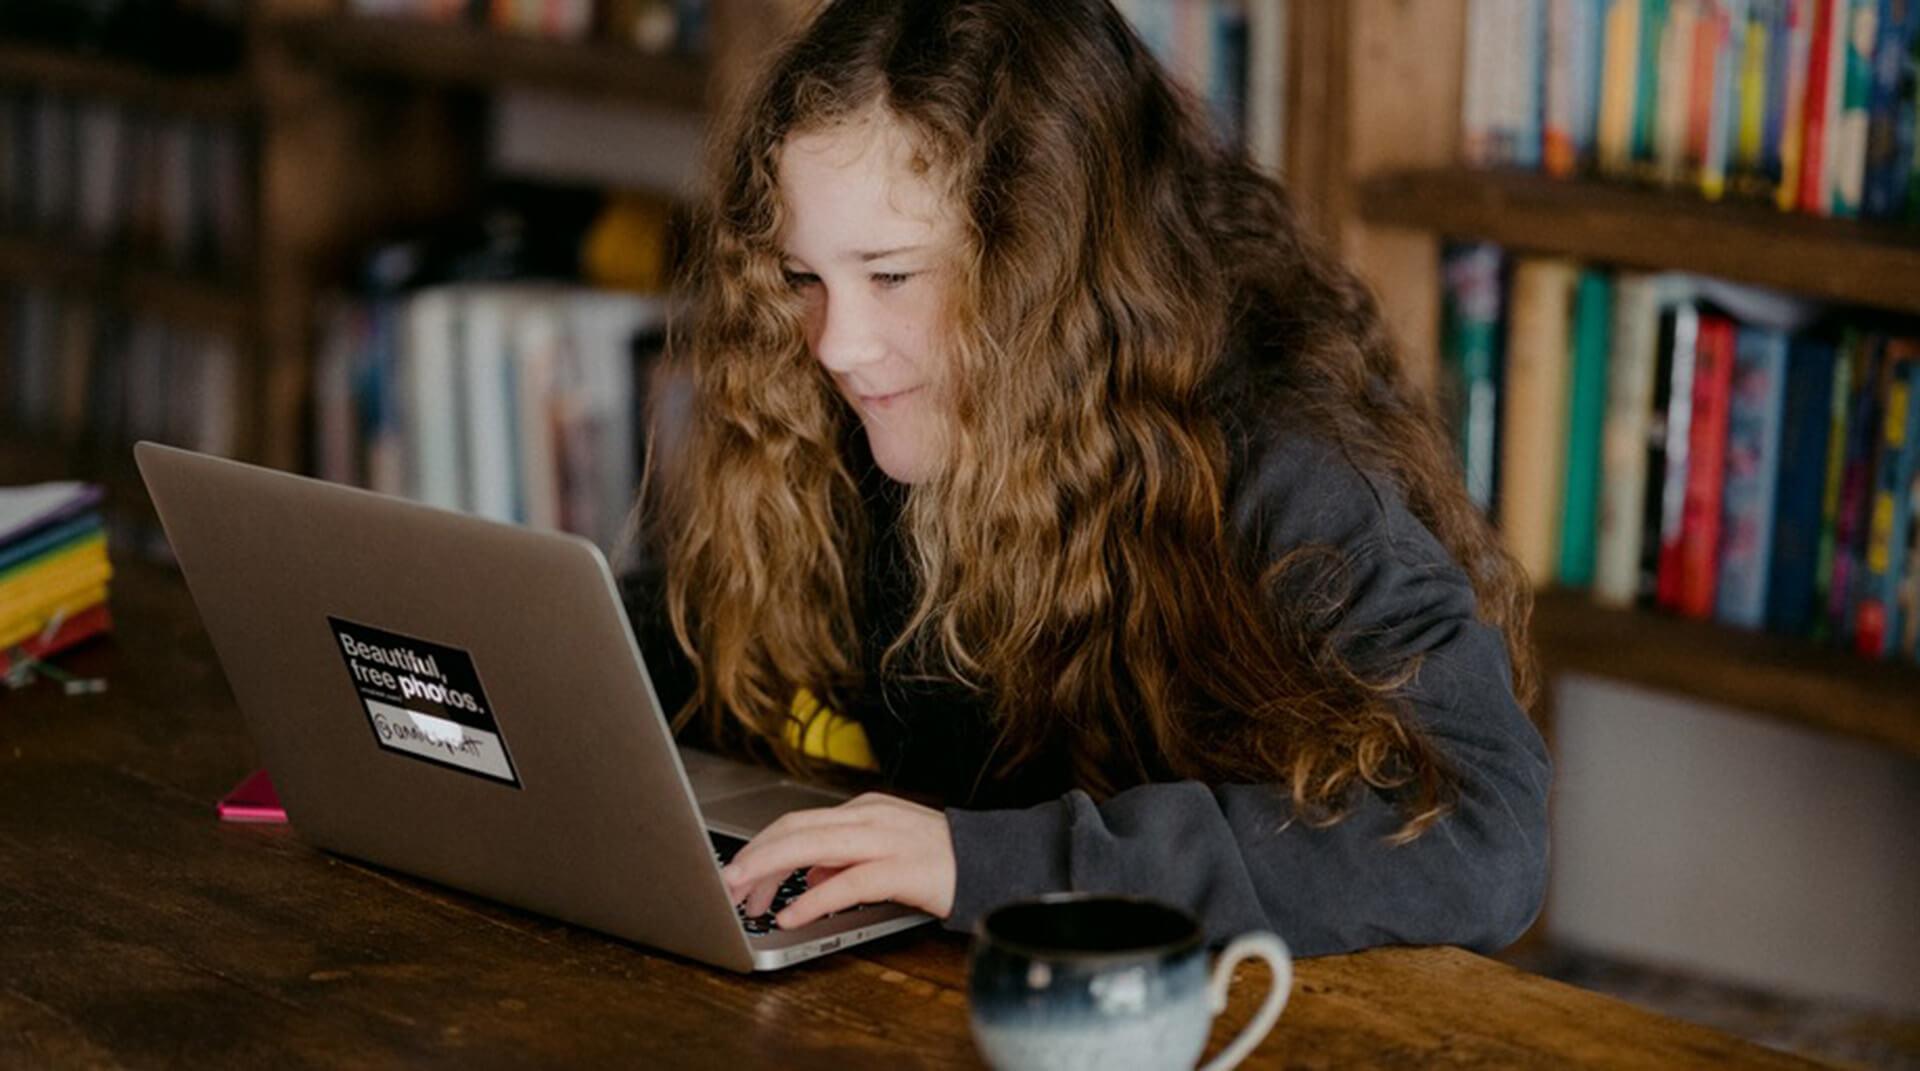 13 фактов об онлайн-образовании: 71,1 % выпускников онлайн-курсов находят работу по специальности